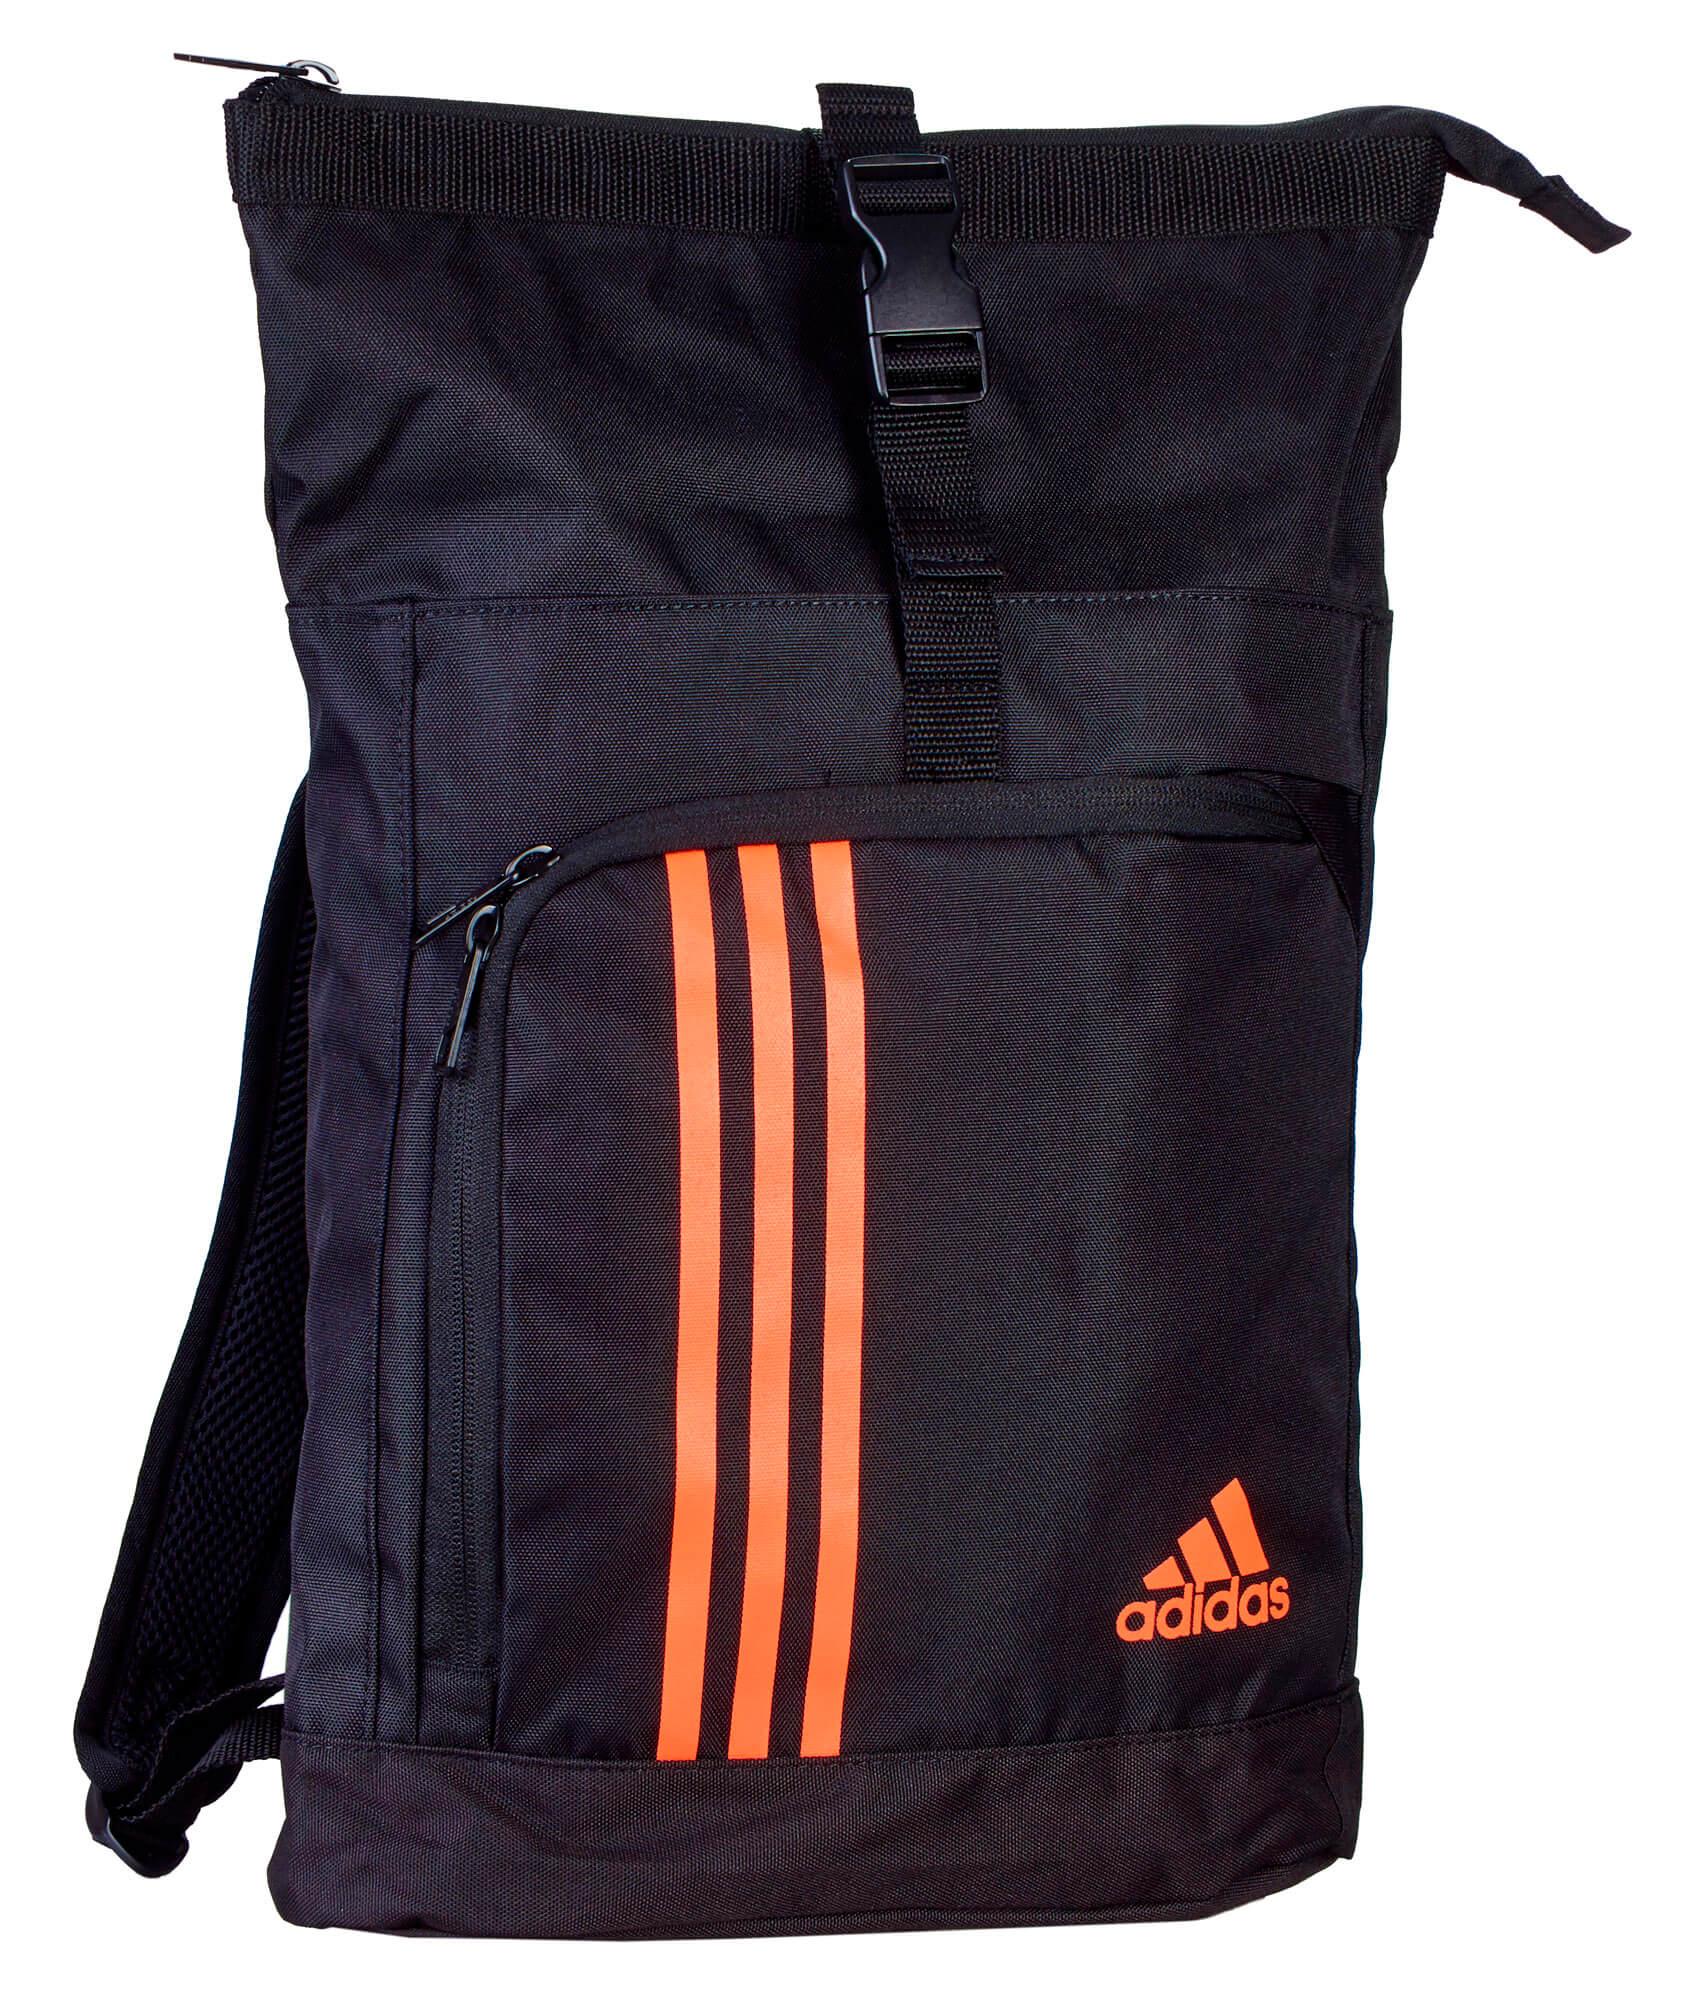 adidas Seesack Sporttasche und Rucksack adiACC041 S schwarzorange